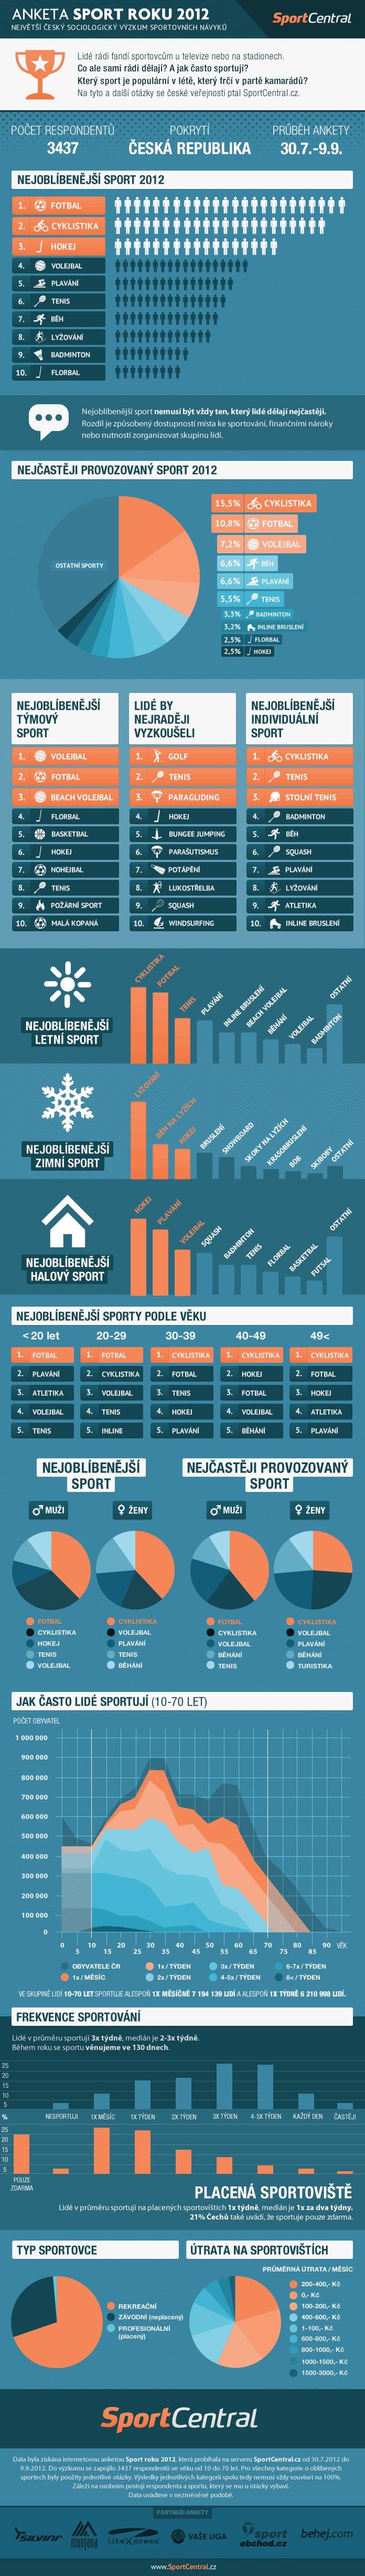 Výsledky sociologického výzkumu sportování v České republice